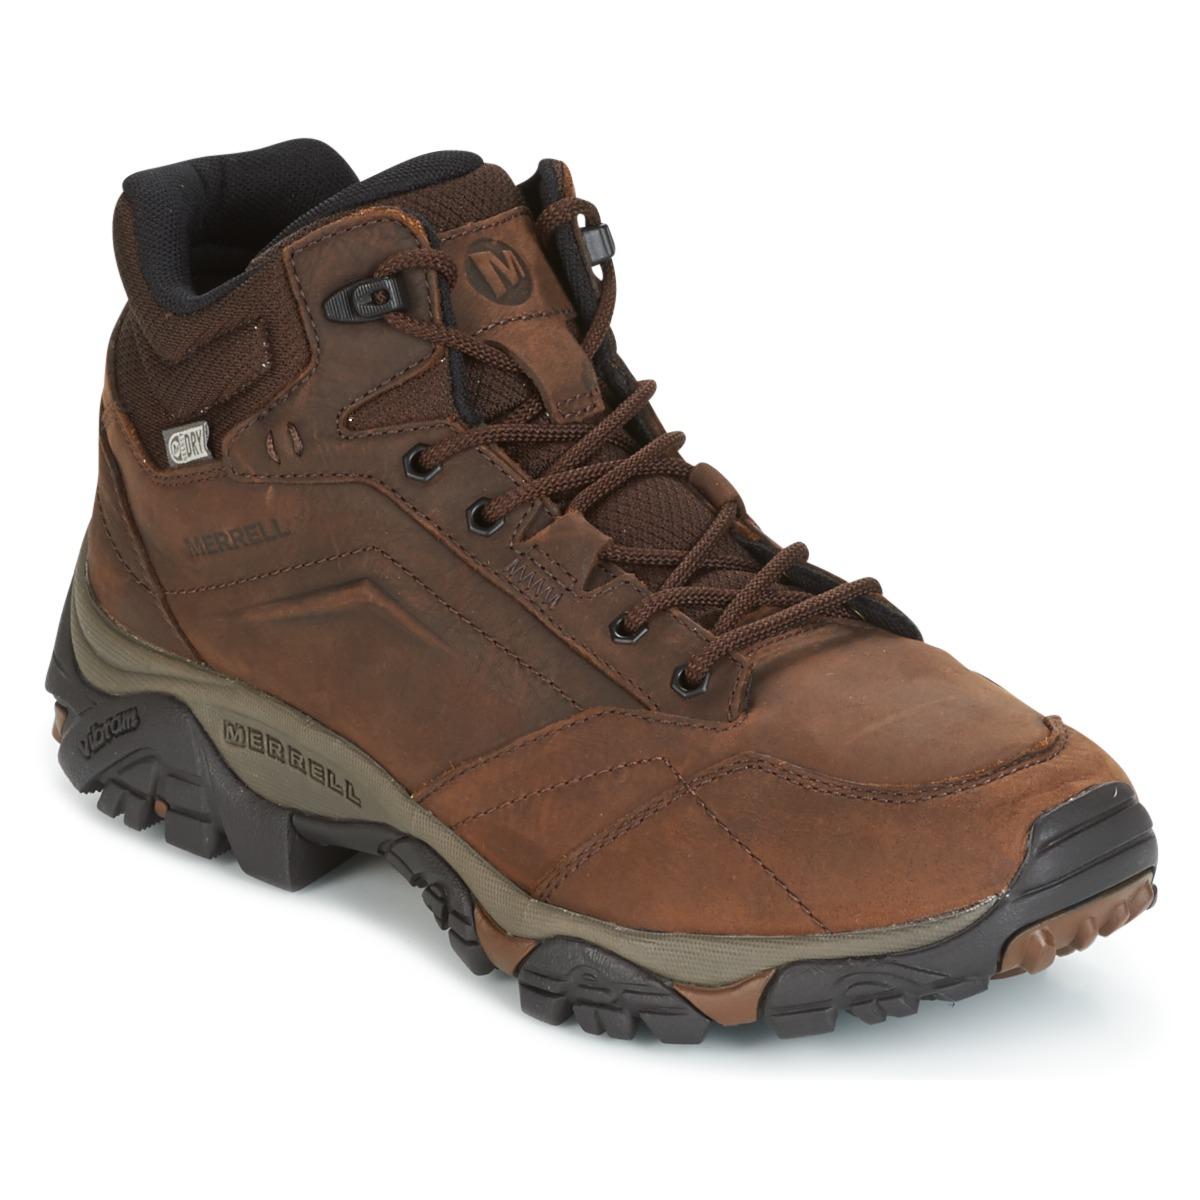 Merrell MOAB VENTURE MID WTPF Braun - Kostenloser Versand bei Spartoode ! - Schuhe Boots Herren 145,00 €